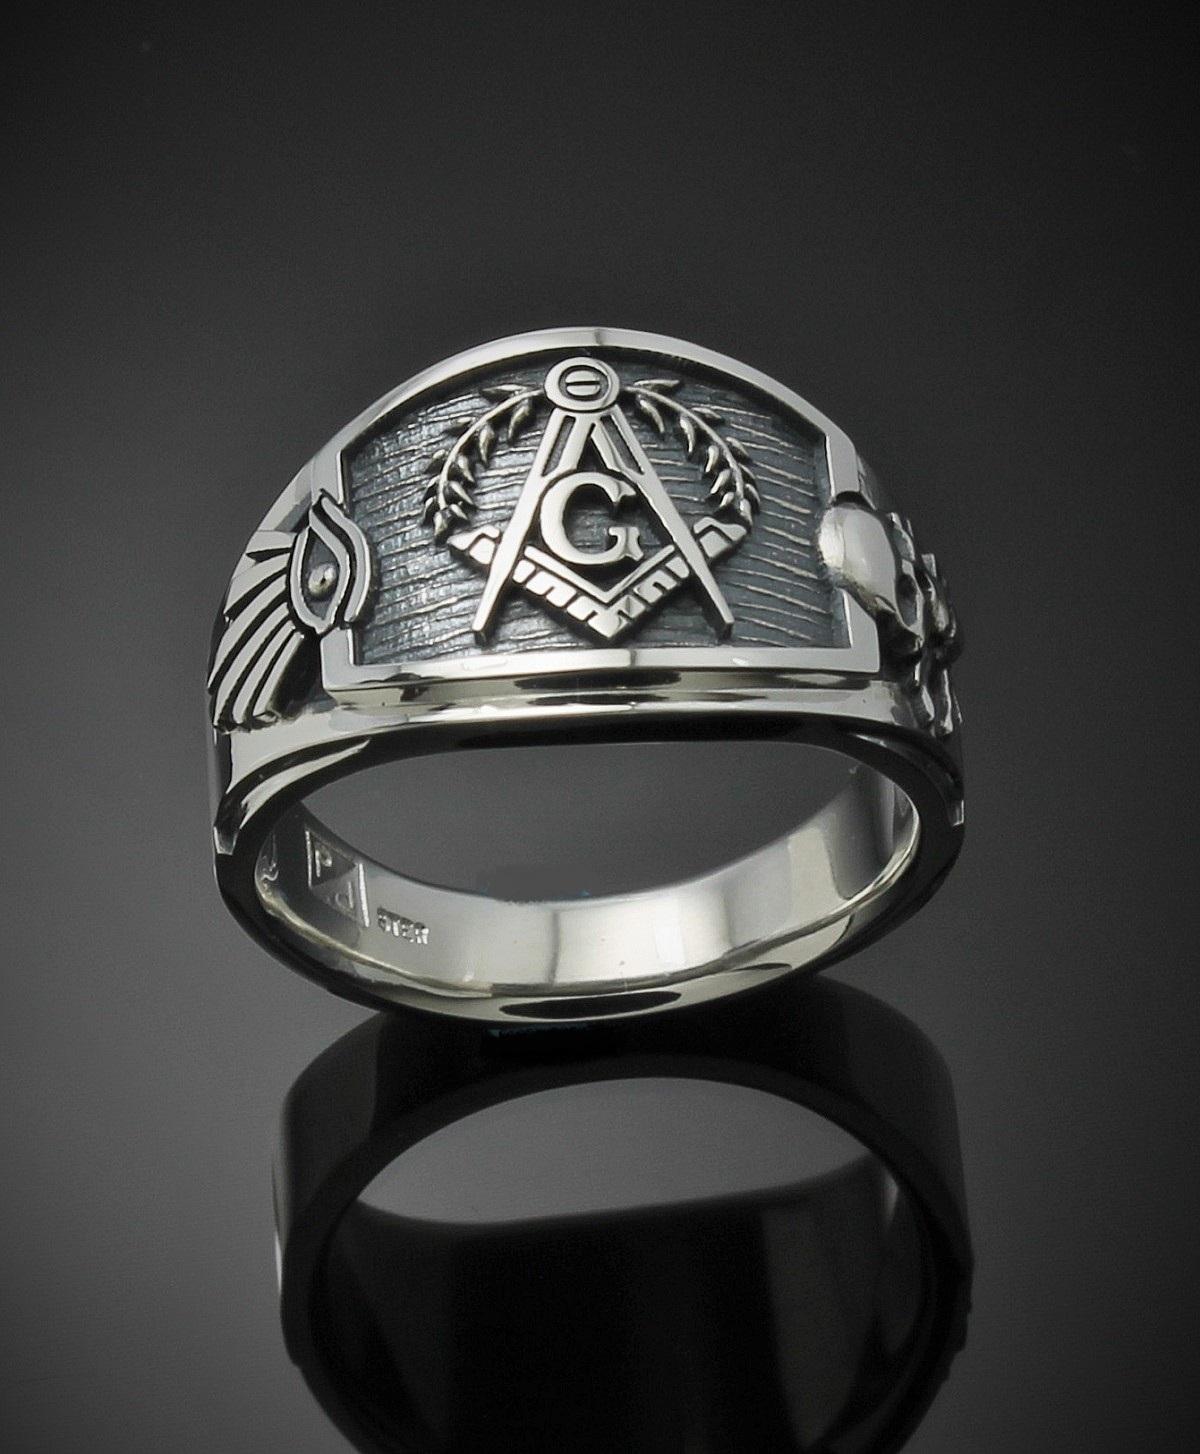 af91c9499 Masonic Ring for Men in Sterling Silver ~ Cigar Band Style 027es - ProLine  Designs